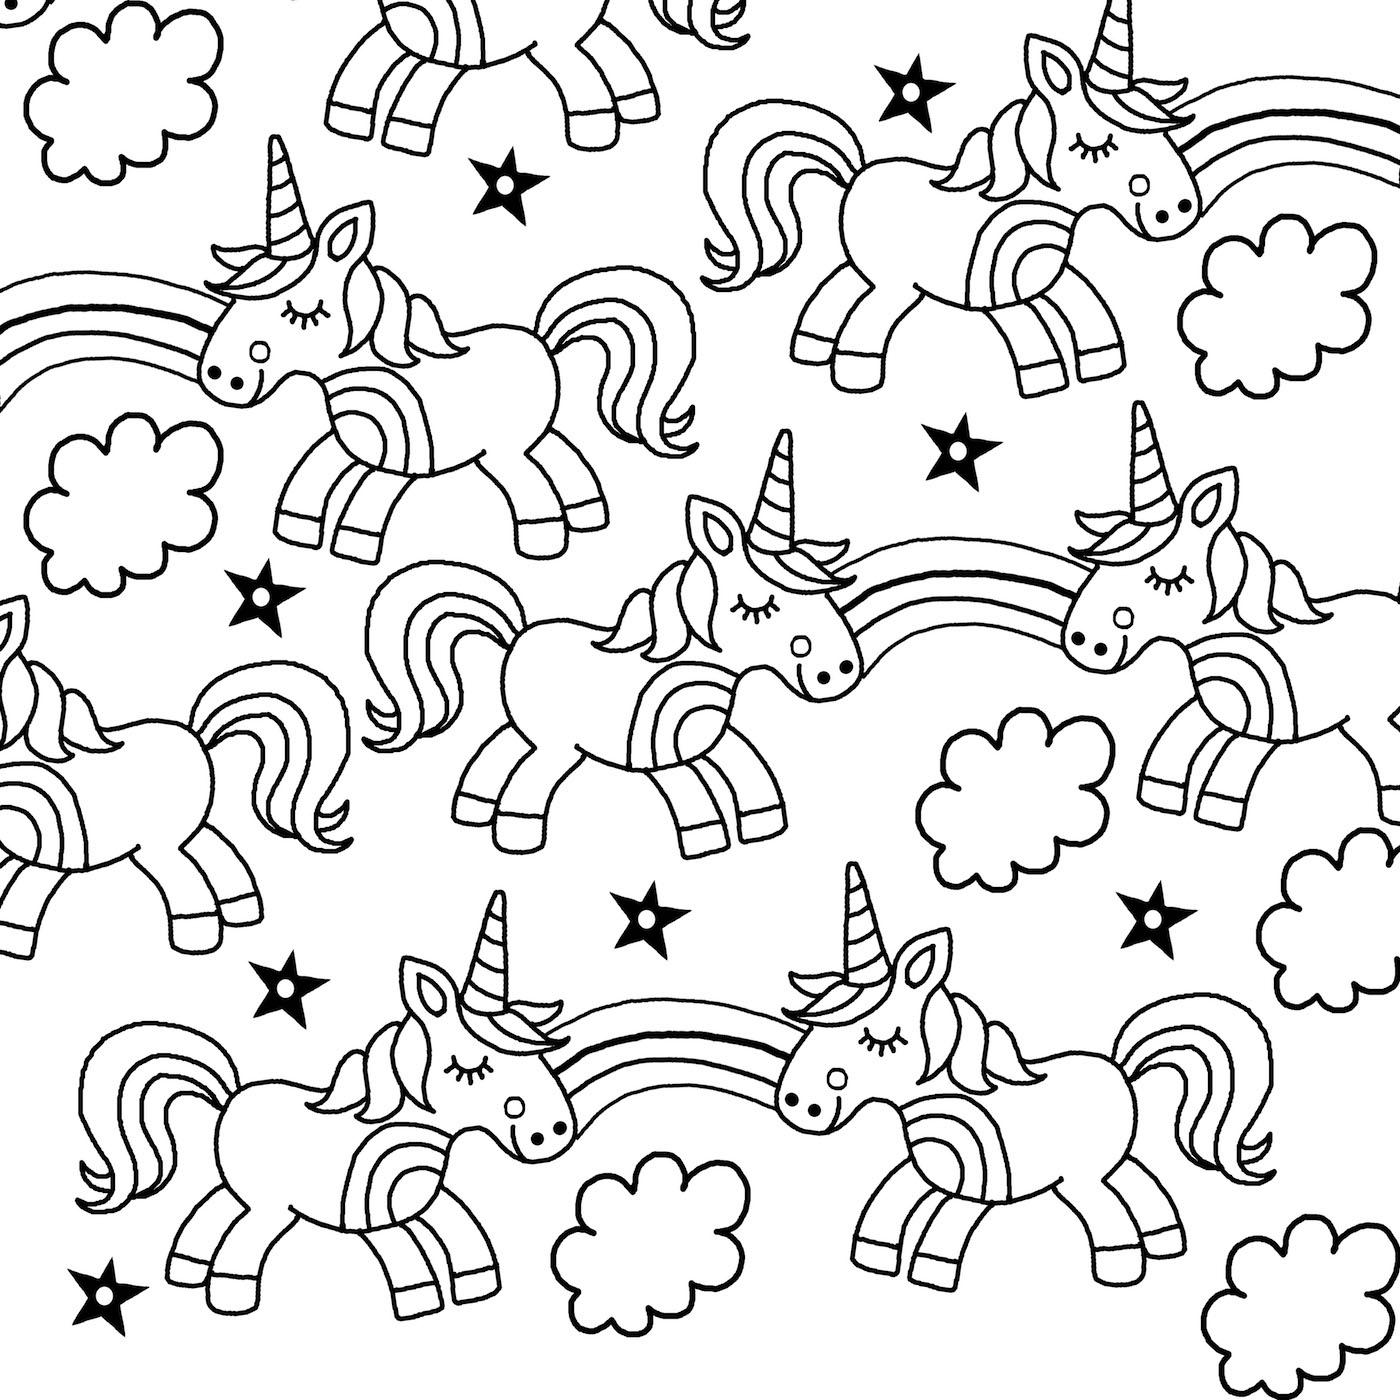 Downloadable unicorn colouring page - Michael O'Mara Books